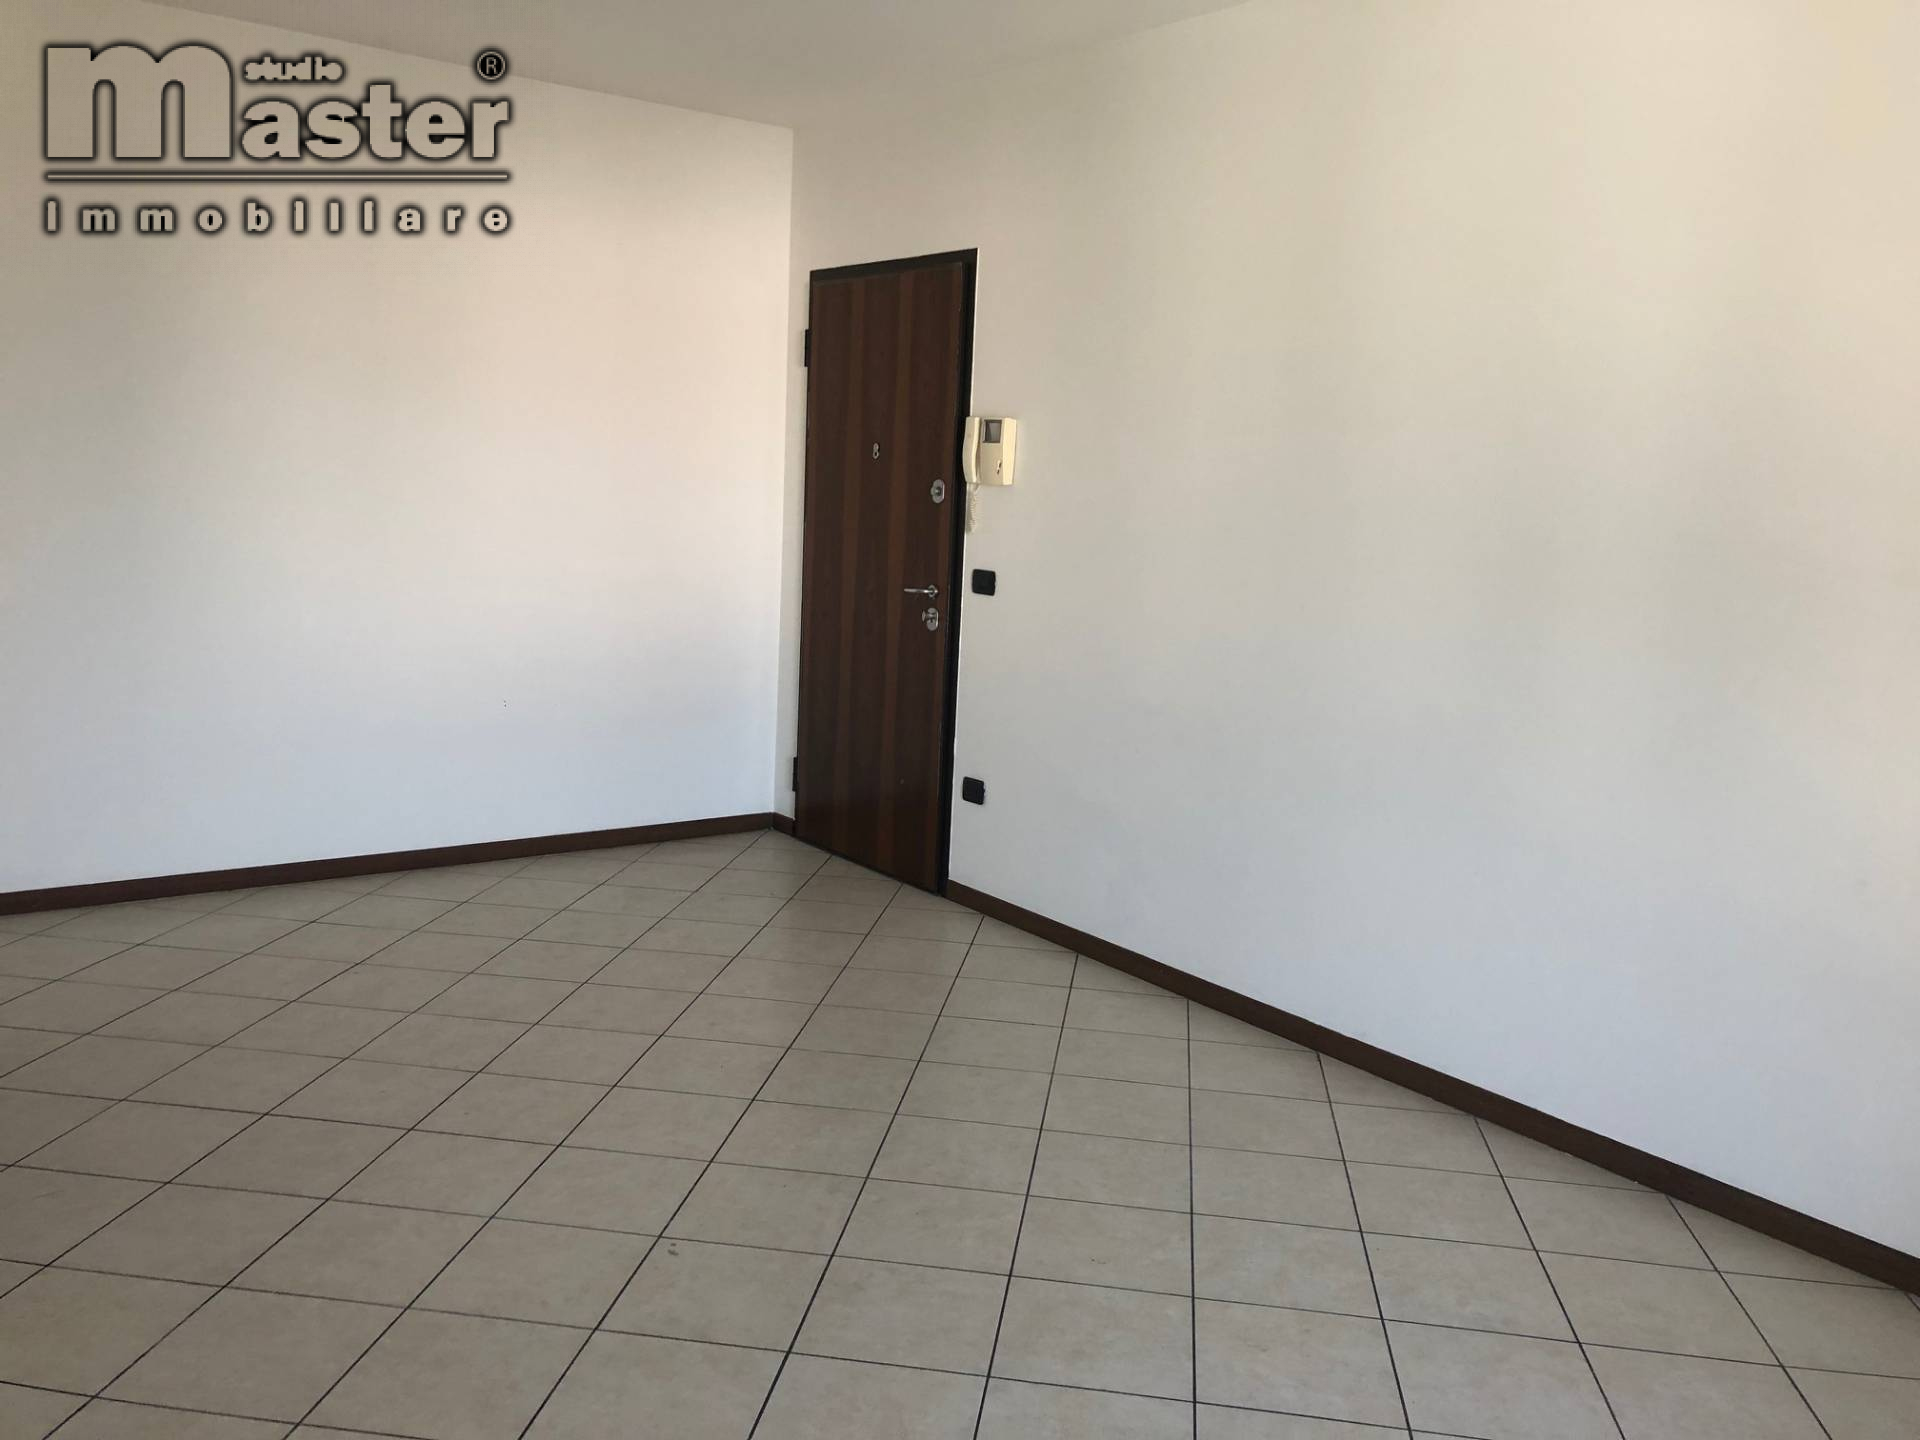 Appartamento in vendita a Quinto di Treviso, 5 locali, prezzo € 128.000 | PortaleAgenzieImmobiliari.it